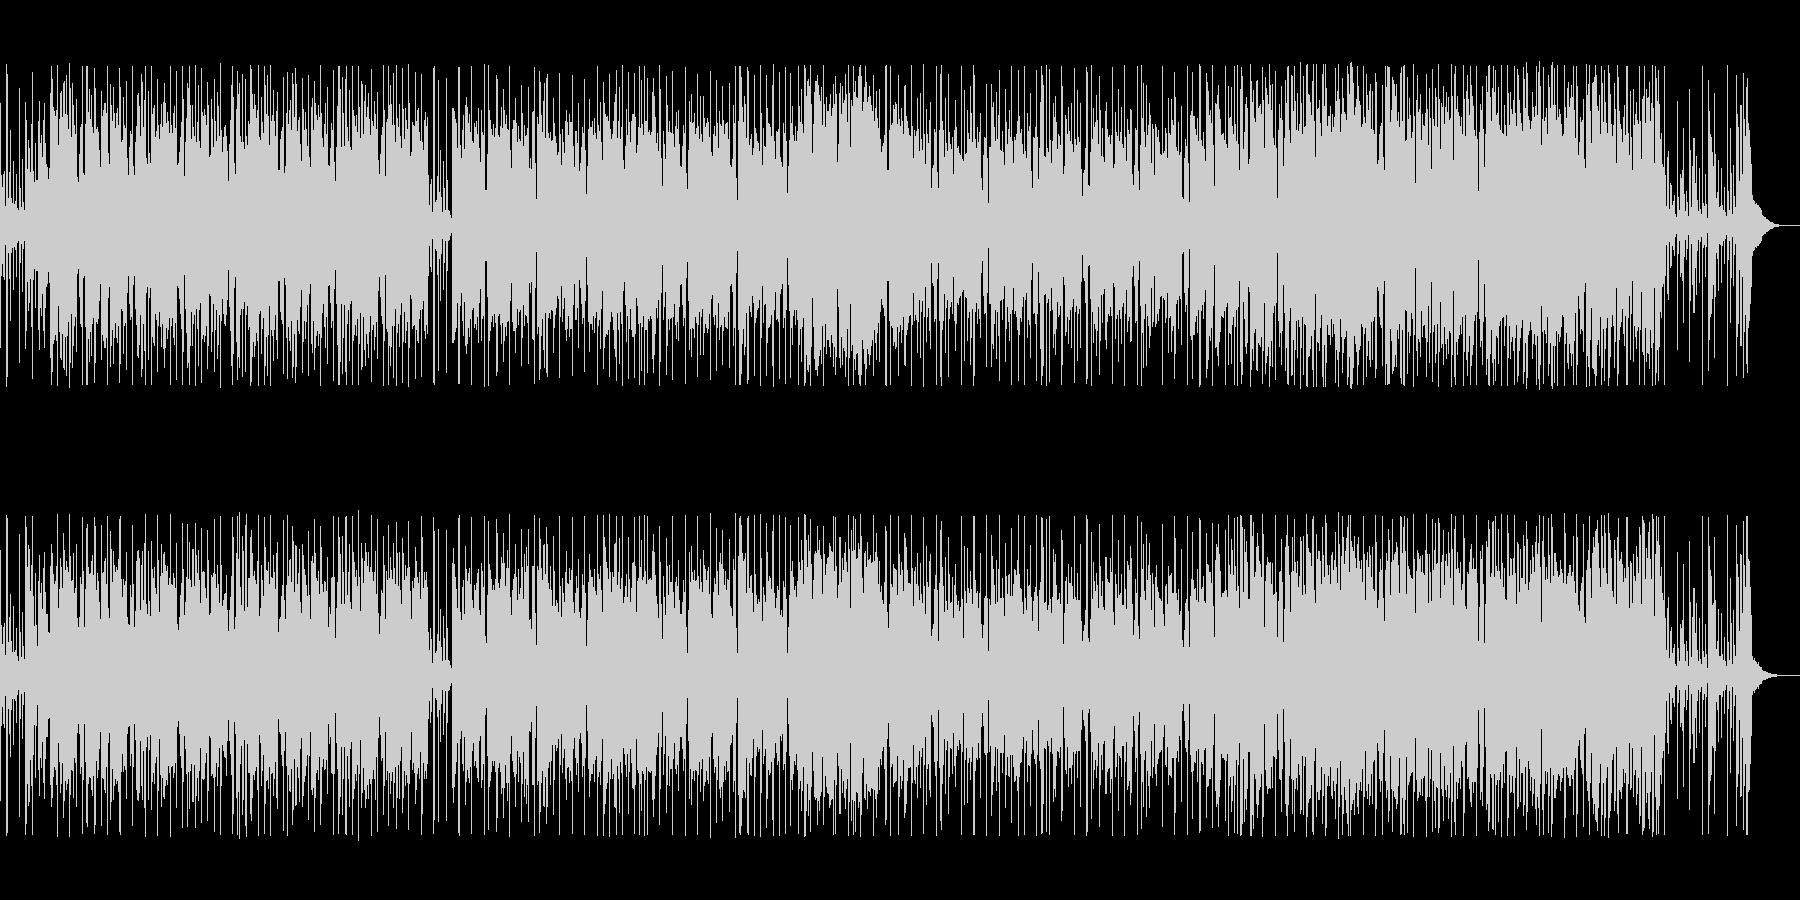 シンセの金属音が軽快なポップスの未再生の波形